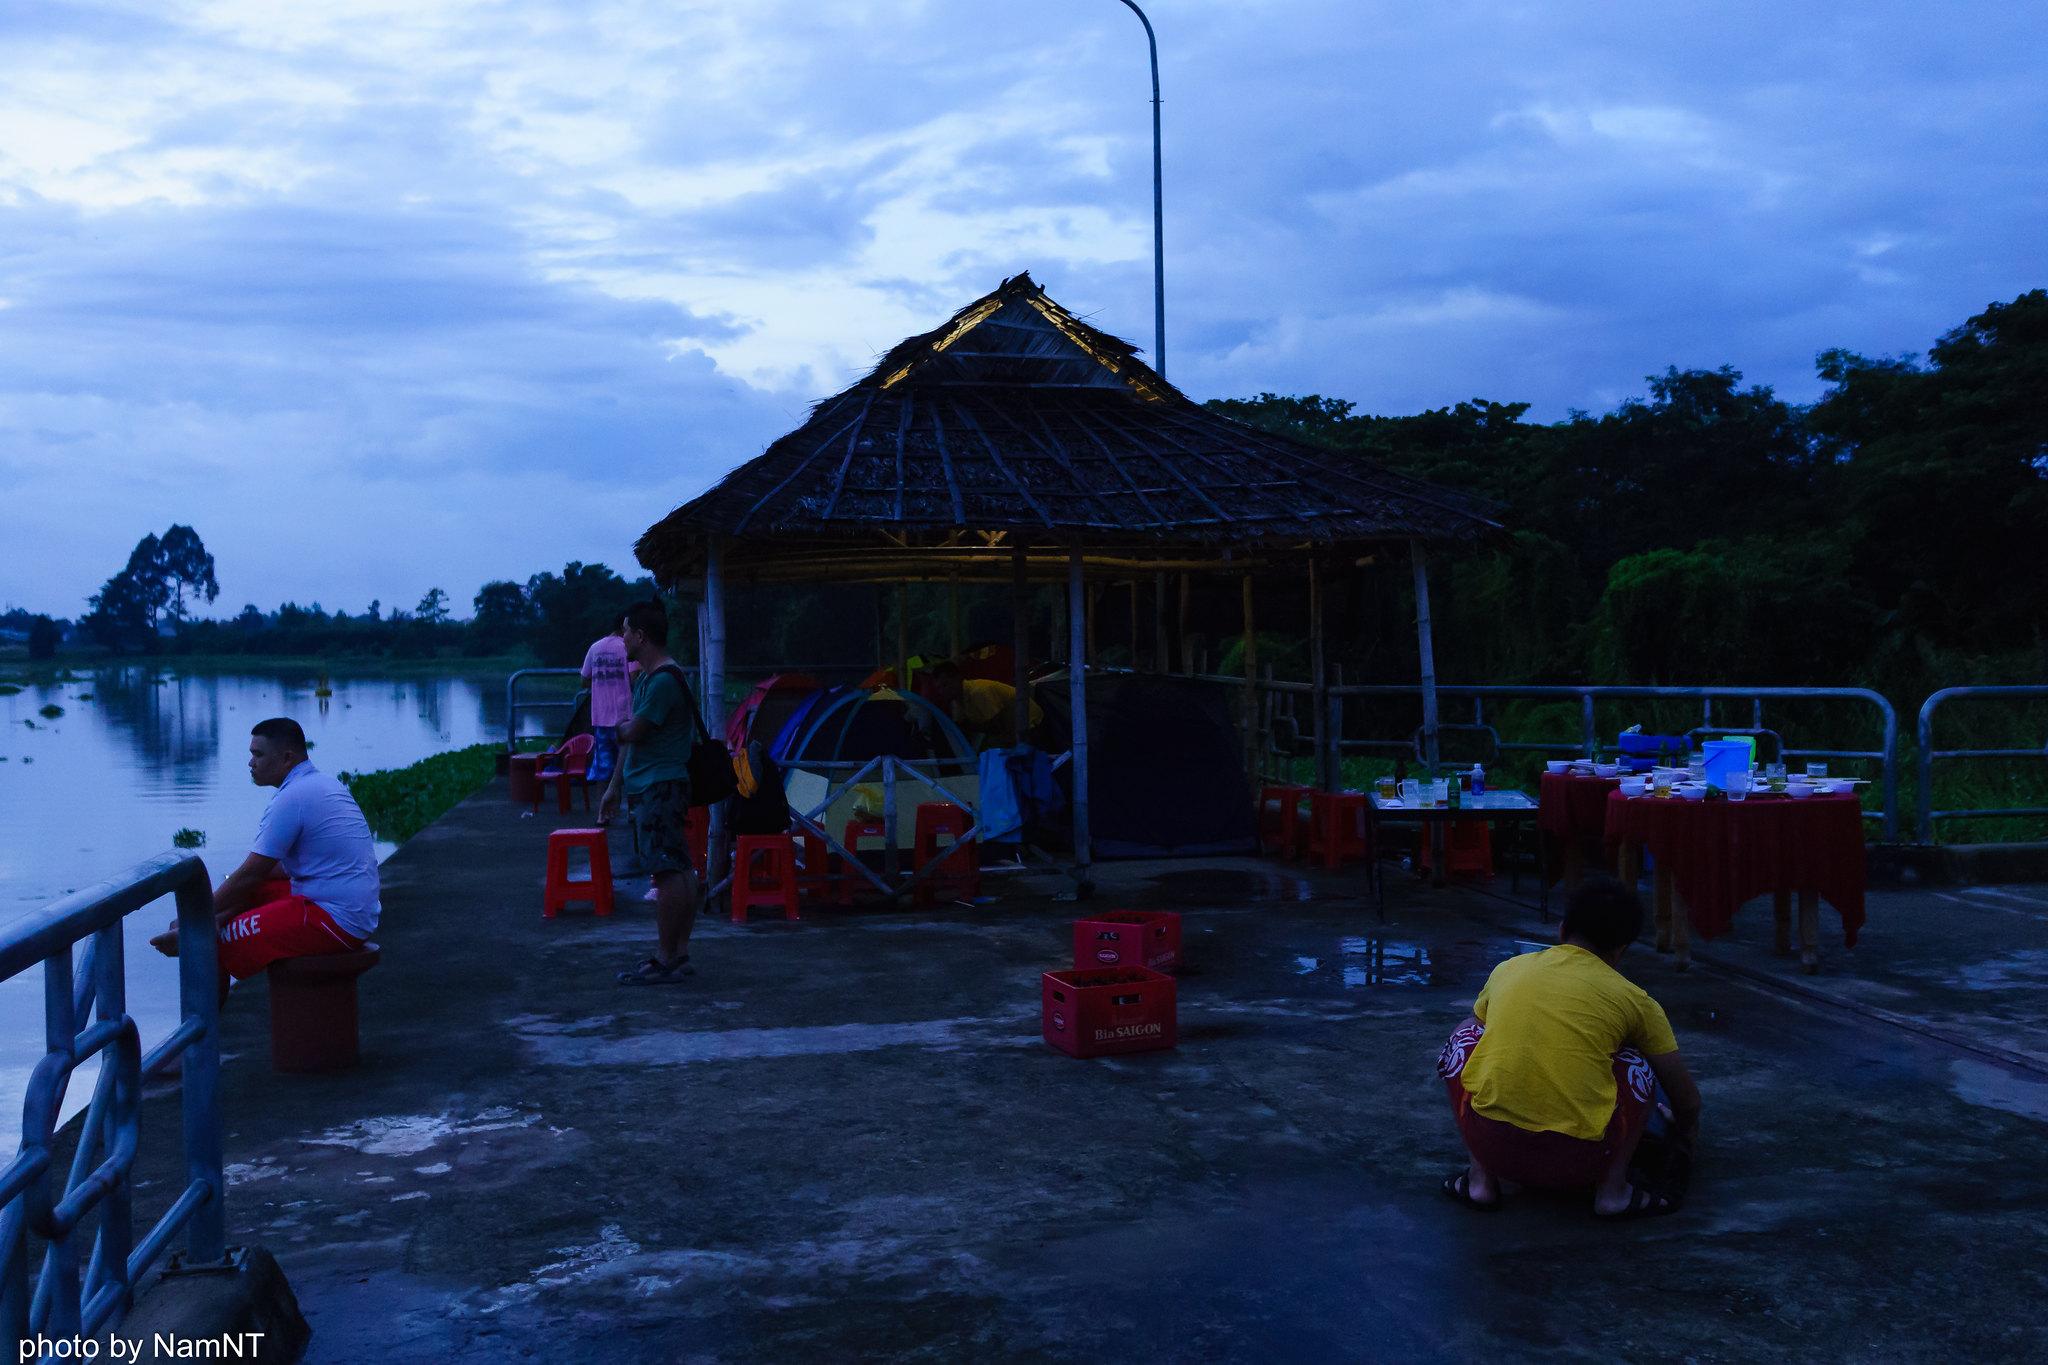 21217114600 a5be6cc599 k - SG- Tân An Mộc Hóa : Khám phá làng nổi Tân Lập